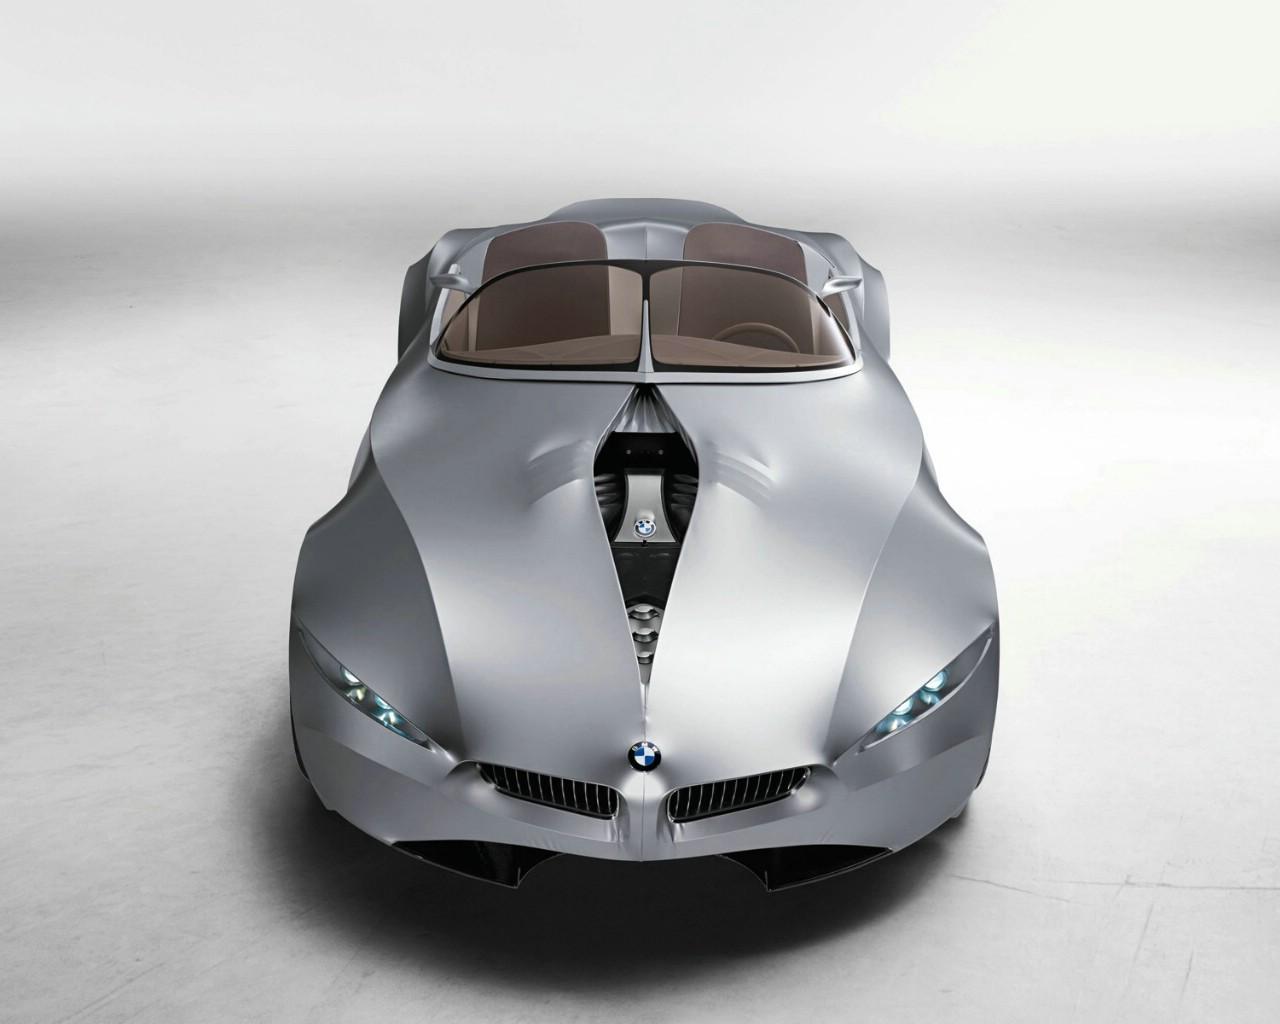 1024BMW宝马跑车桌面壁纸壁纸,BMW宝马跑车桌面壁纸壁纸图片 -高清图片